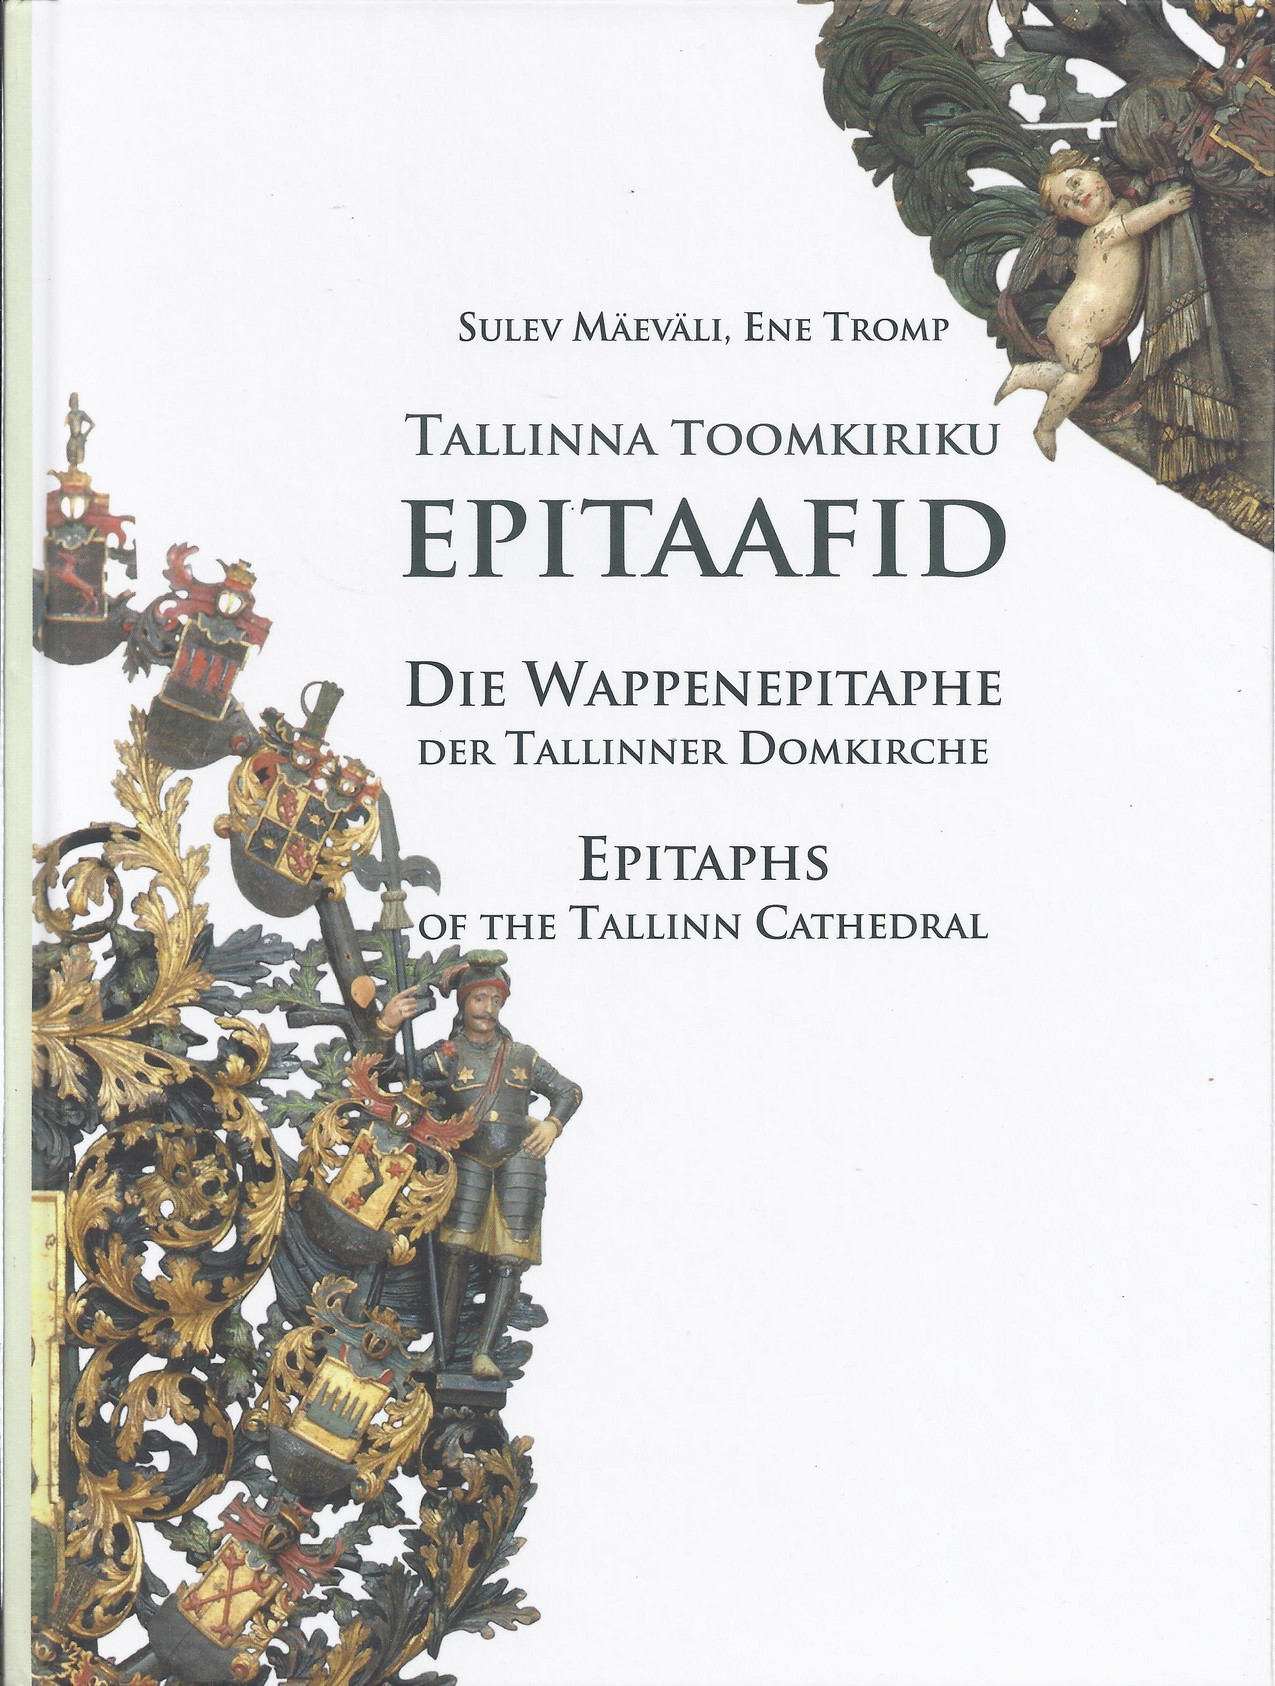 Tallinna Toomkiriku epitaafid